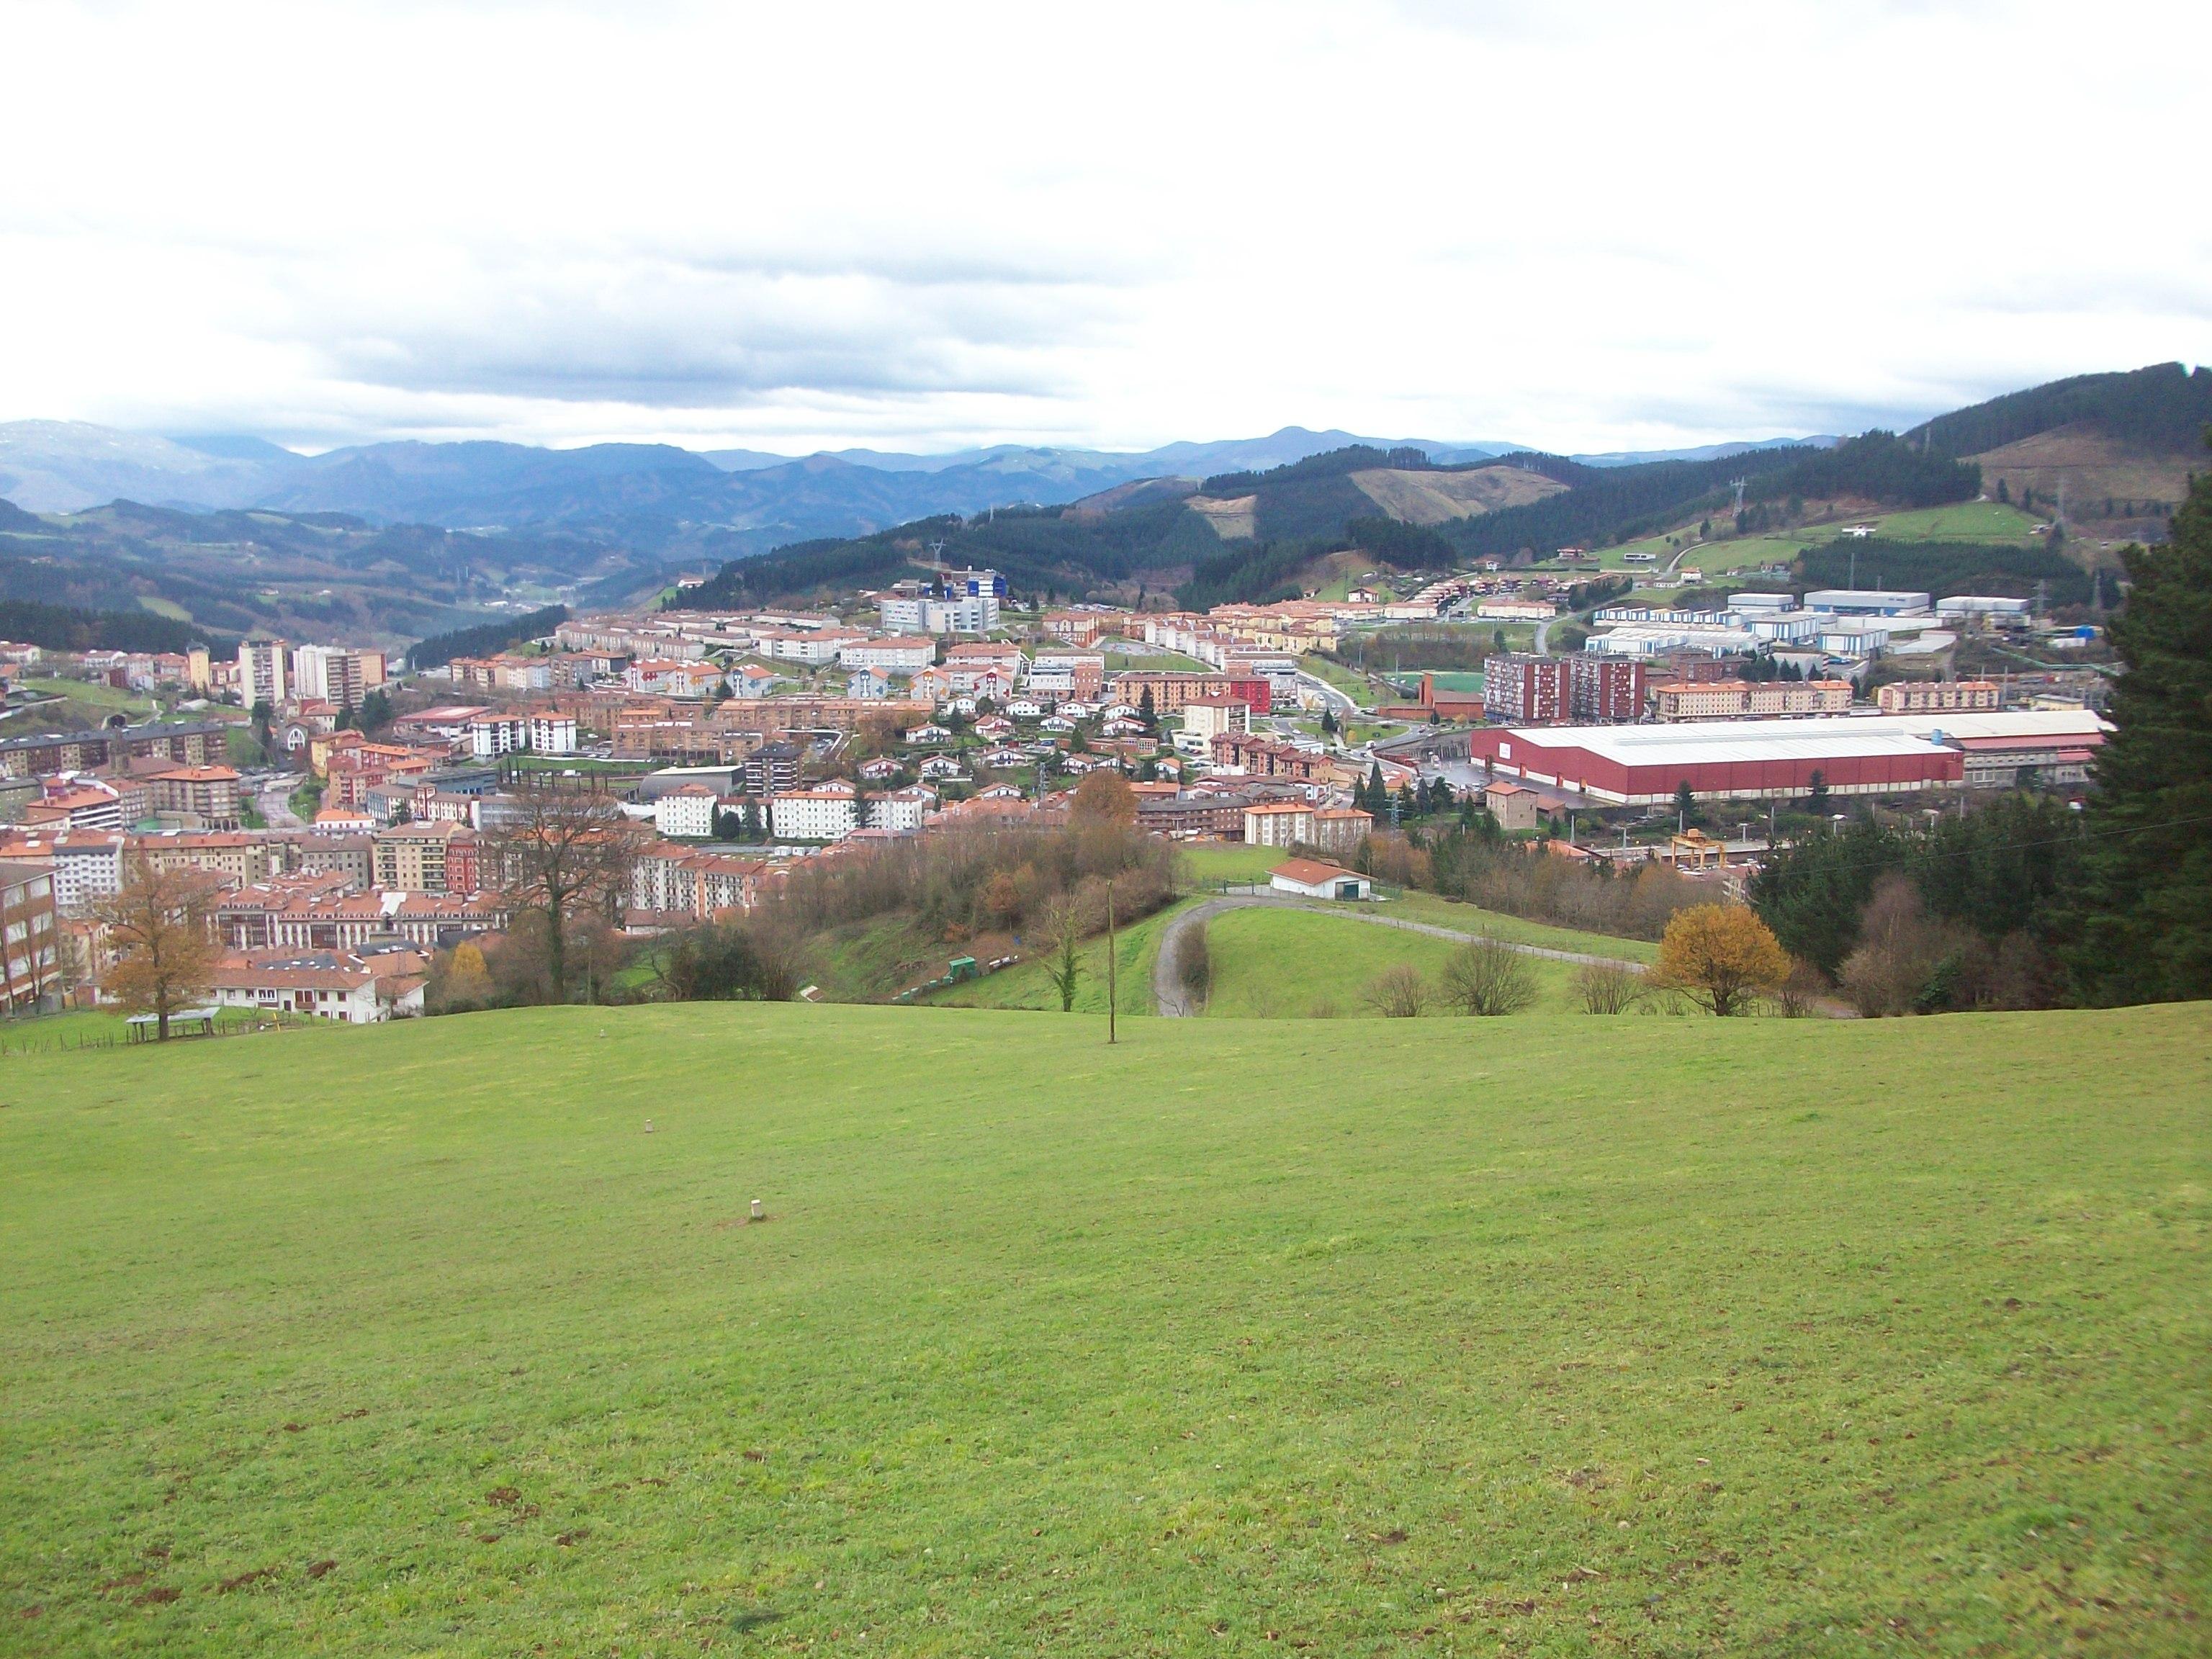 苏马拉加 (西班牙)